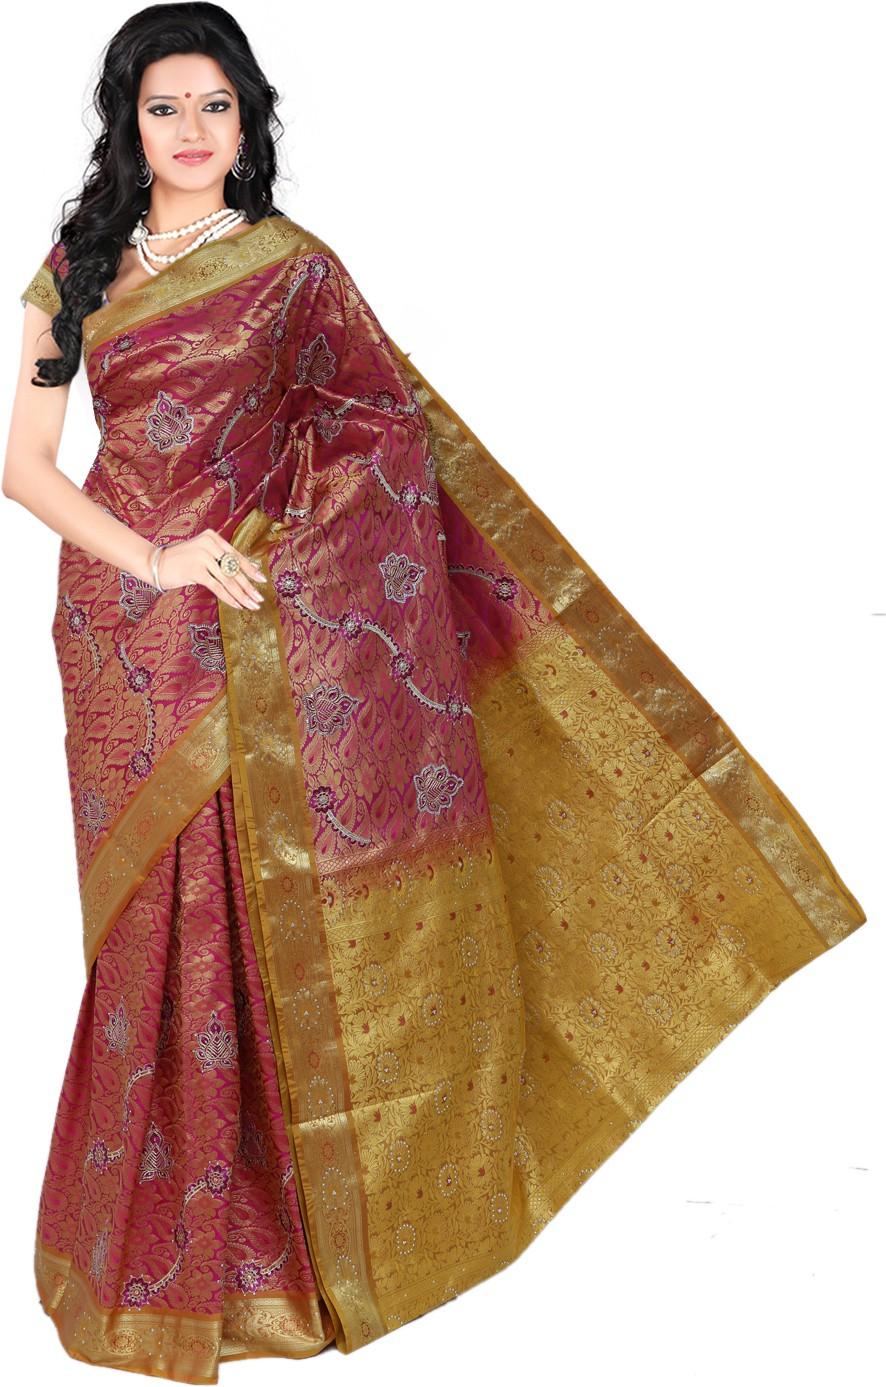 Roopkala Silks Embellished Dharmavaram Brocade Saree(Pink)